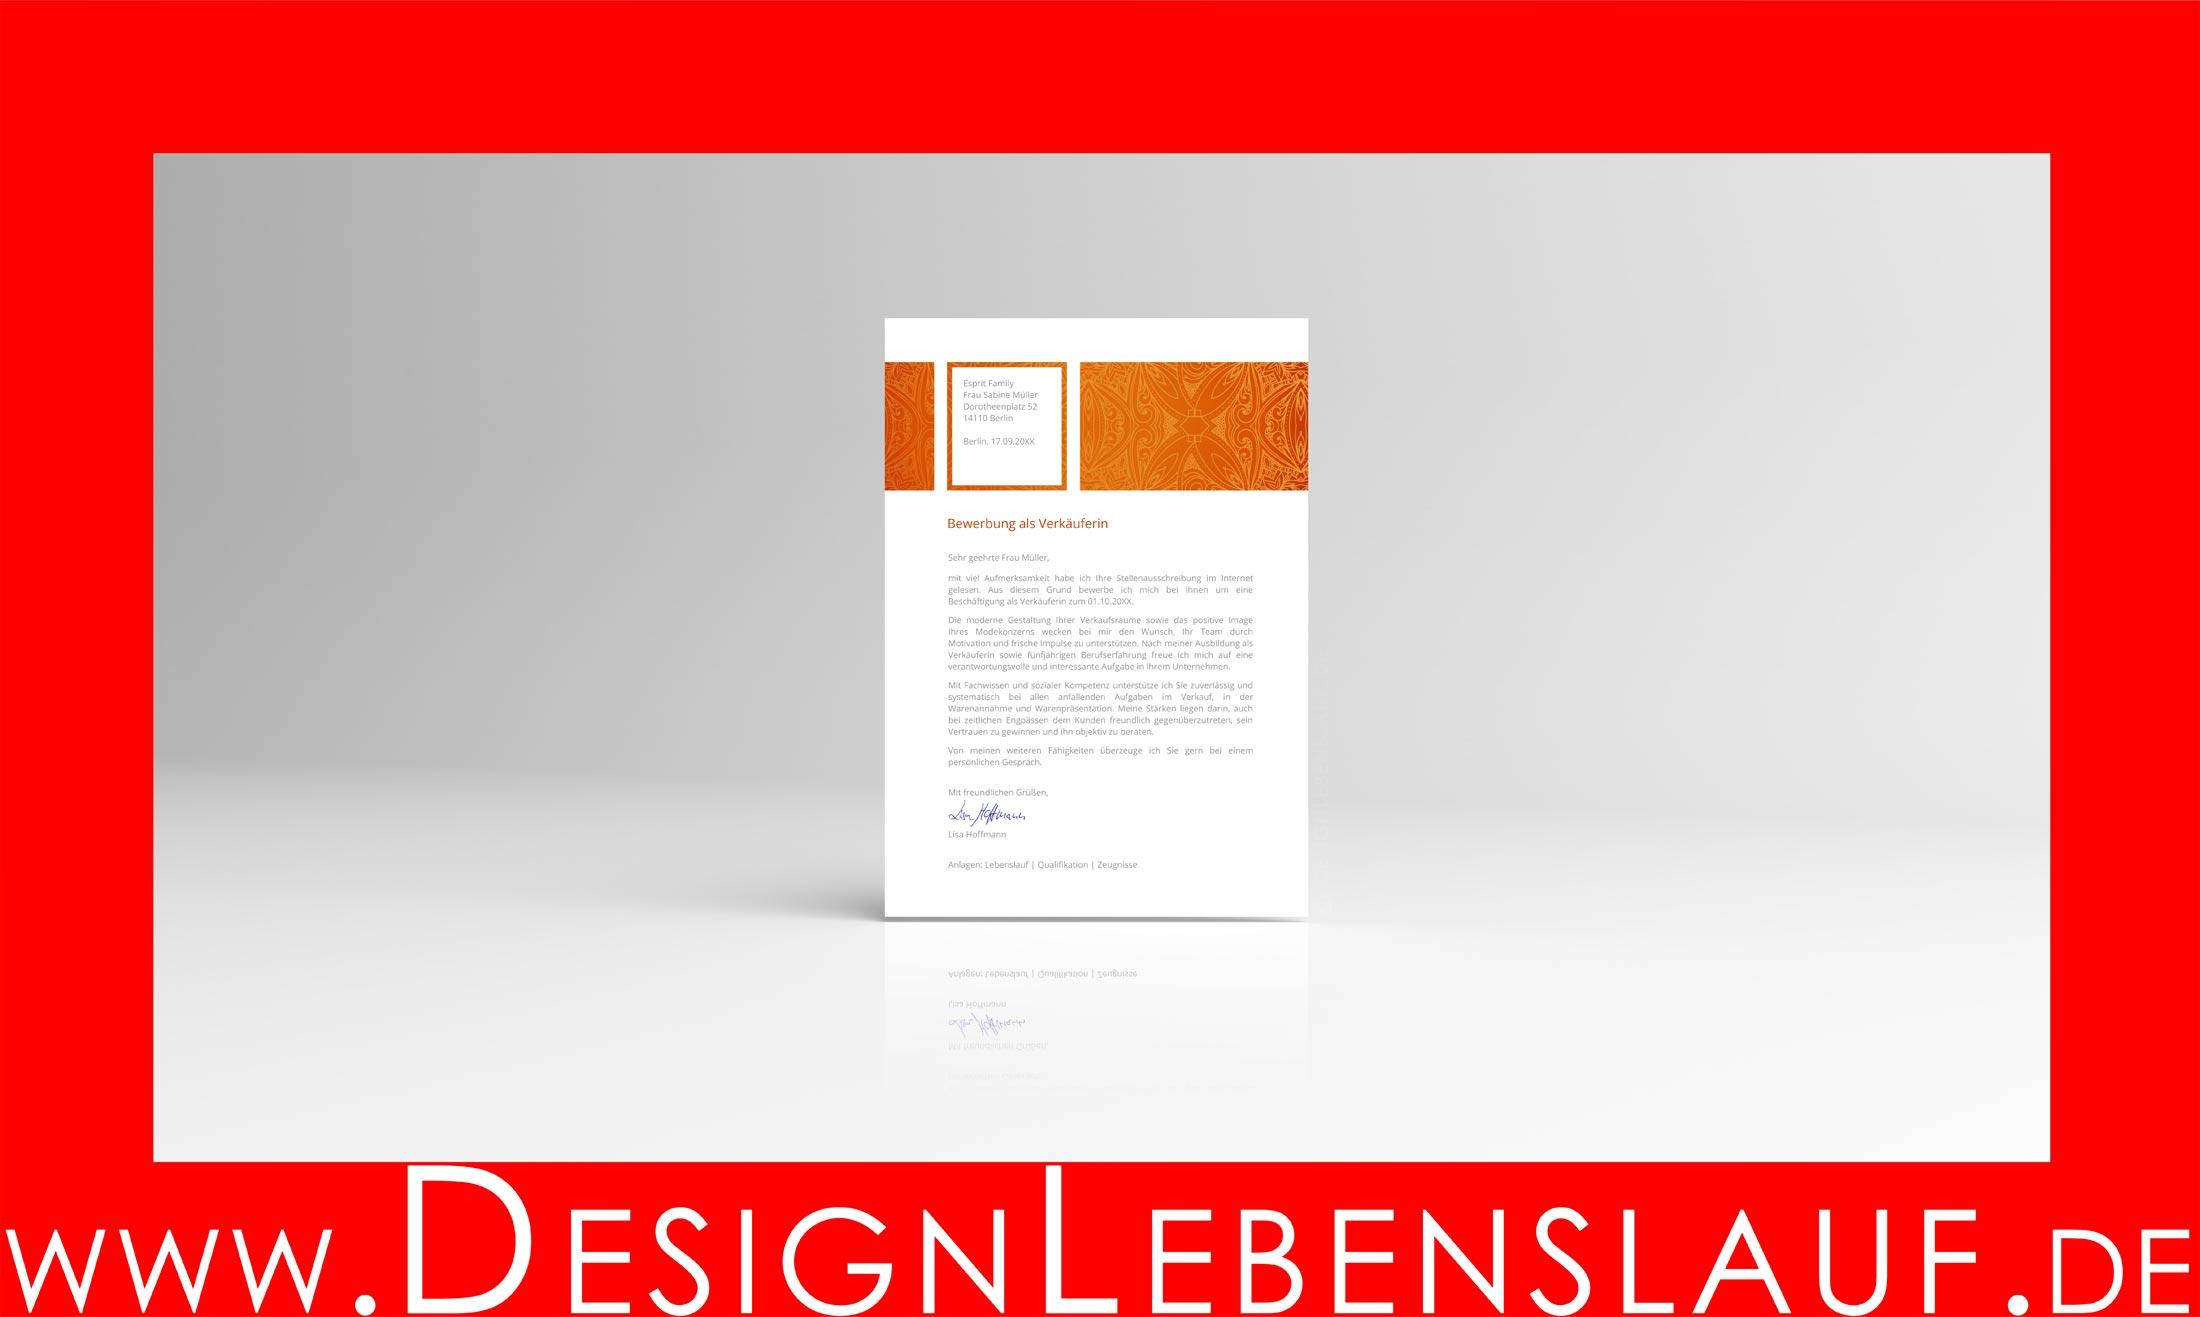 bewerbungs deckblatt mit anschreiben lebenslauf download. Black Bedroom Furniture Sets. Home Design Ideas